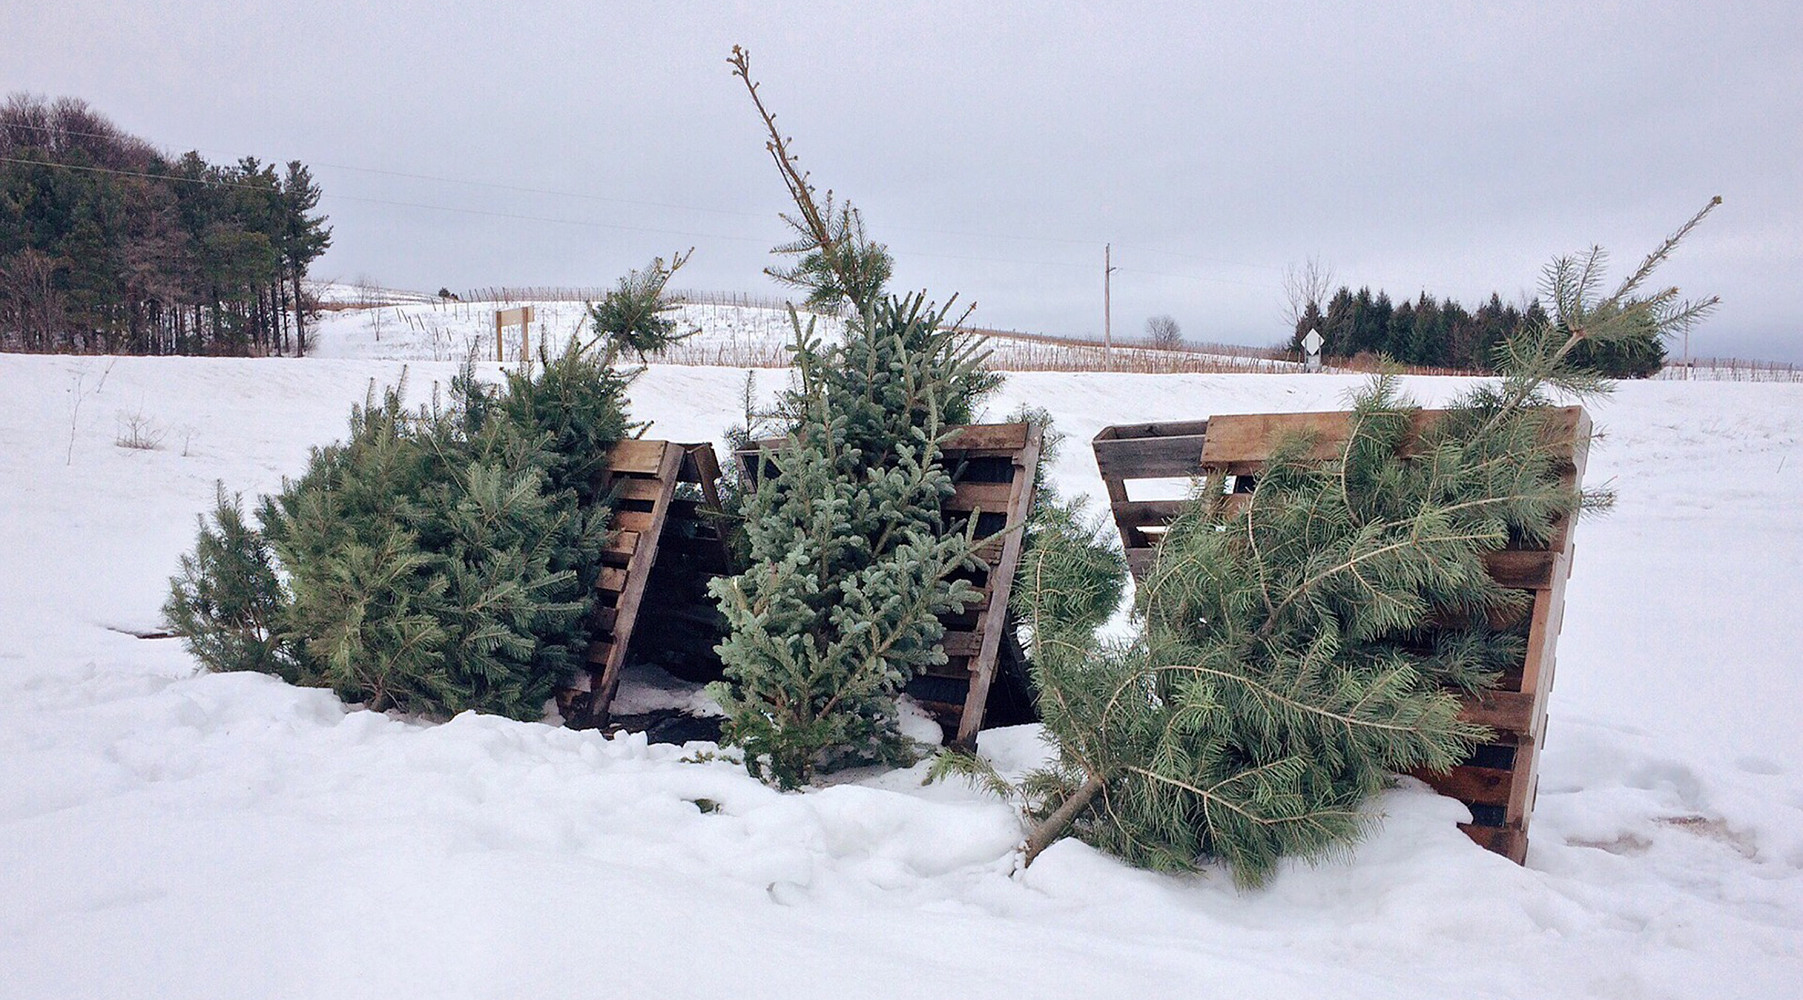 Зимний квест: россиянам предлагают разрешить самостоятельно рубить ёлки в канун Нового года